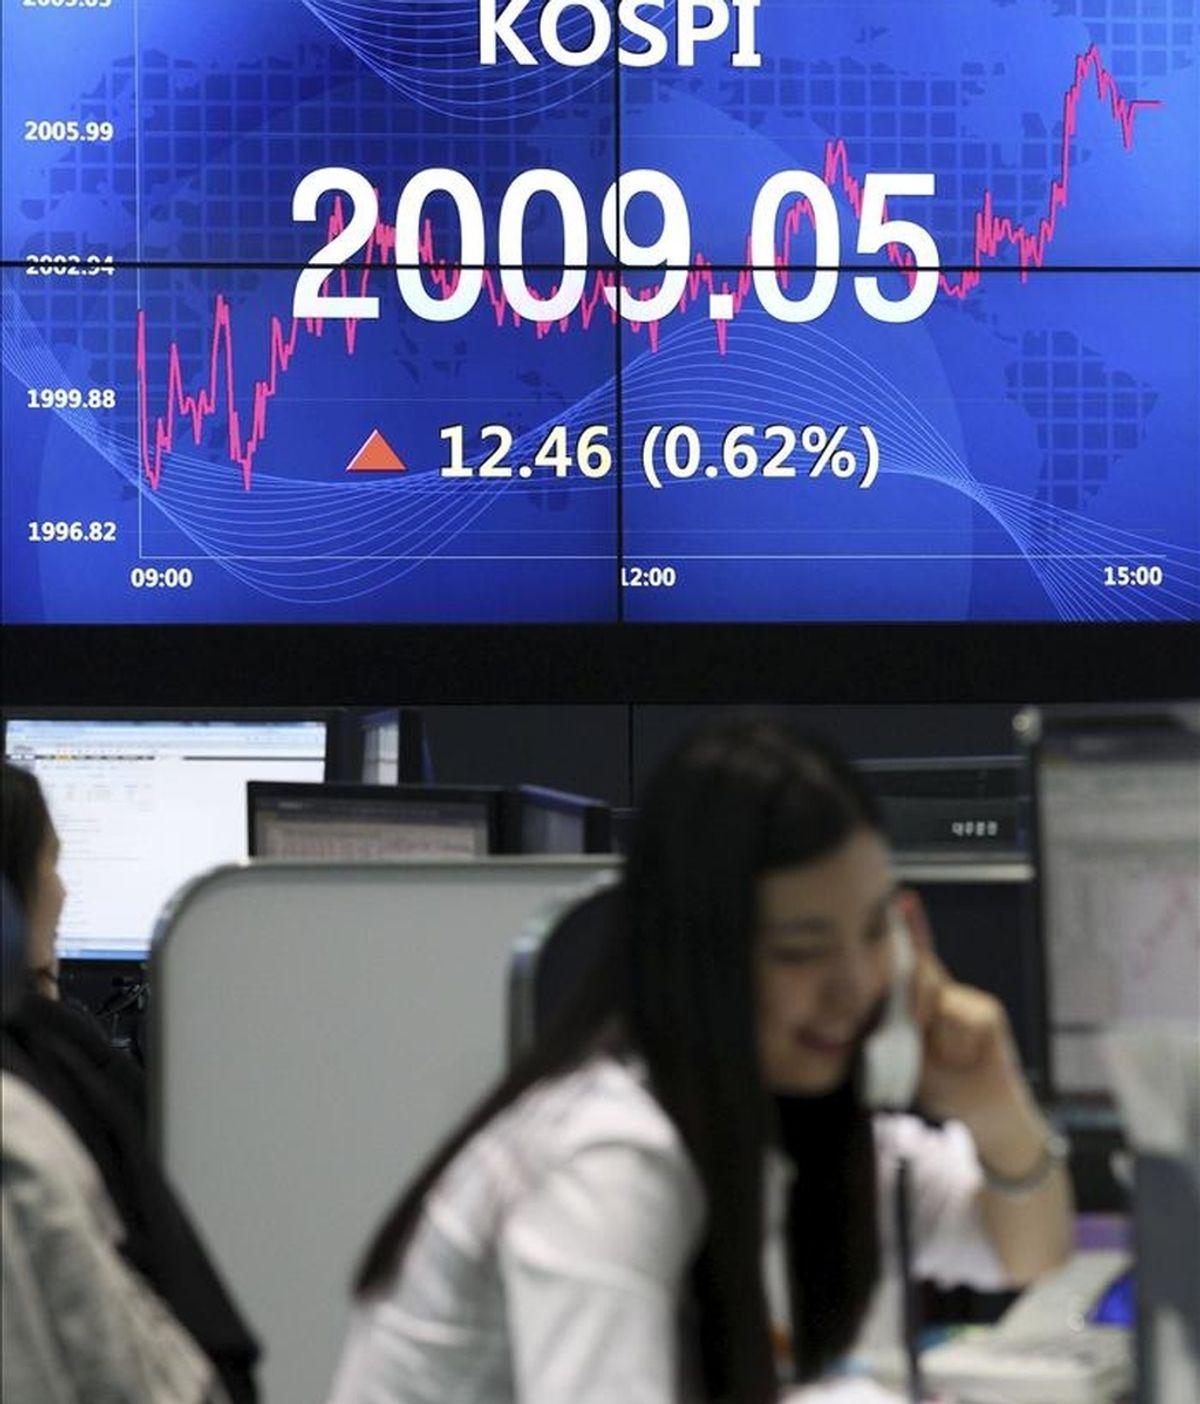 Una corredora de bolsa habla por teléfono mientras trabaja en la Bolsa de Seúl, Corea del Sur. EFE/Archivo